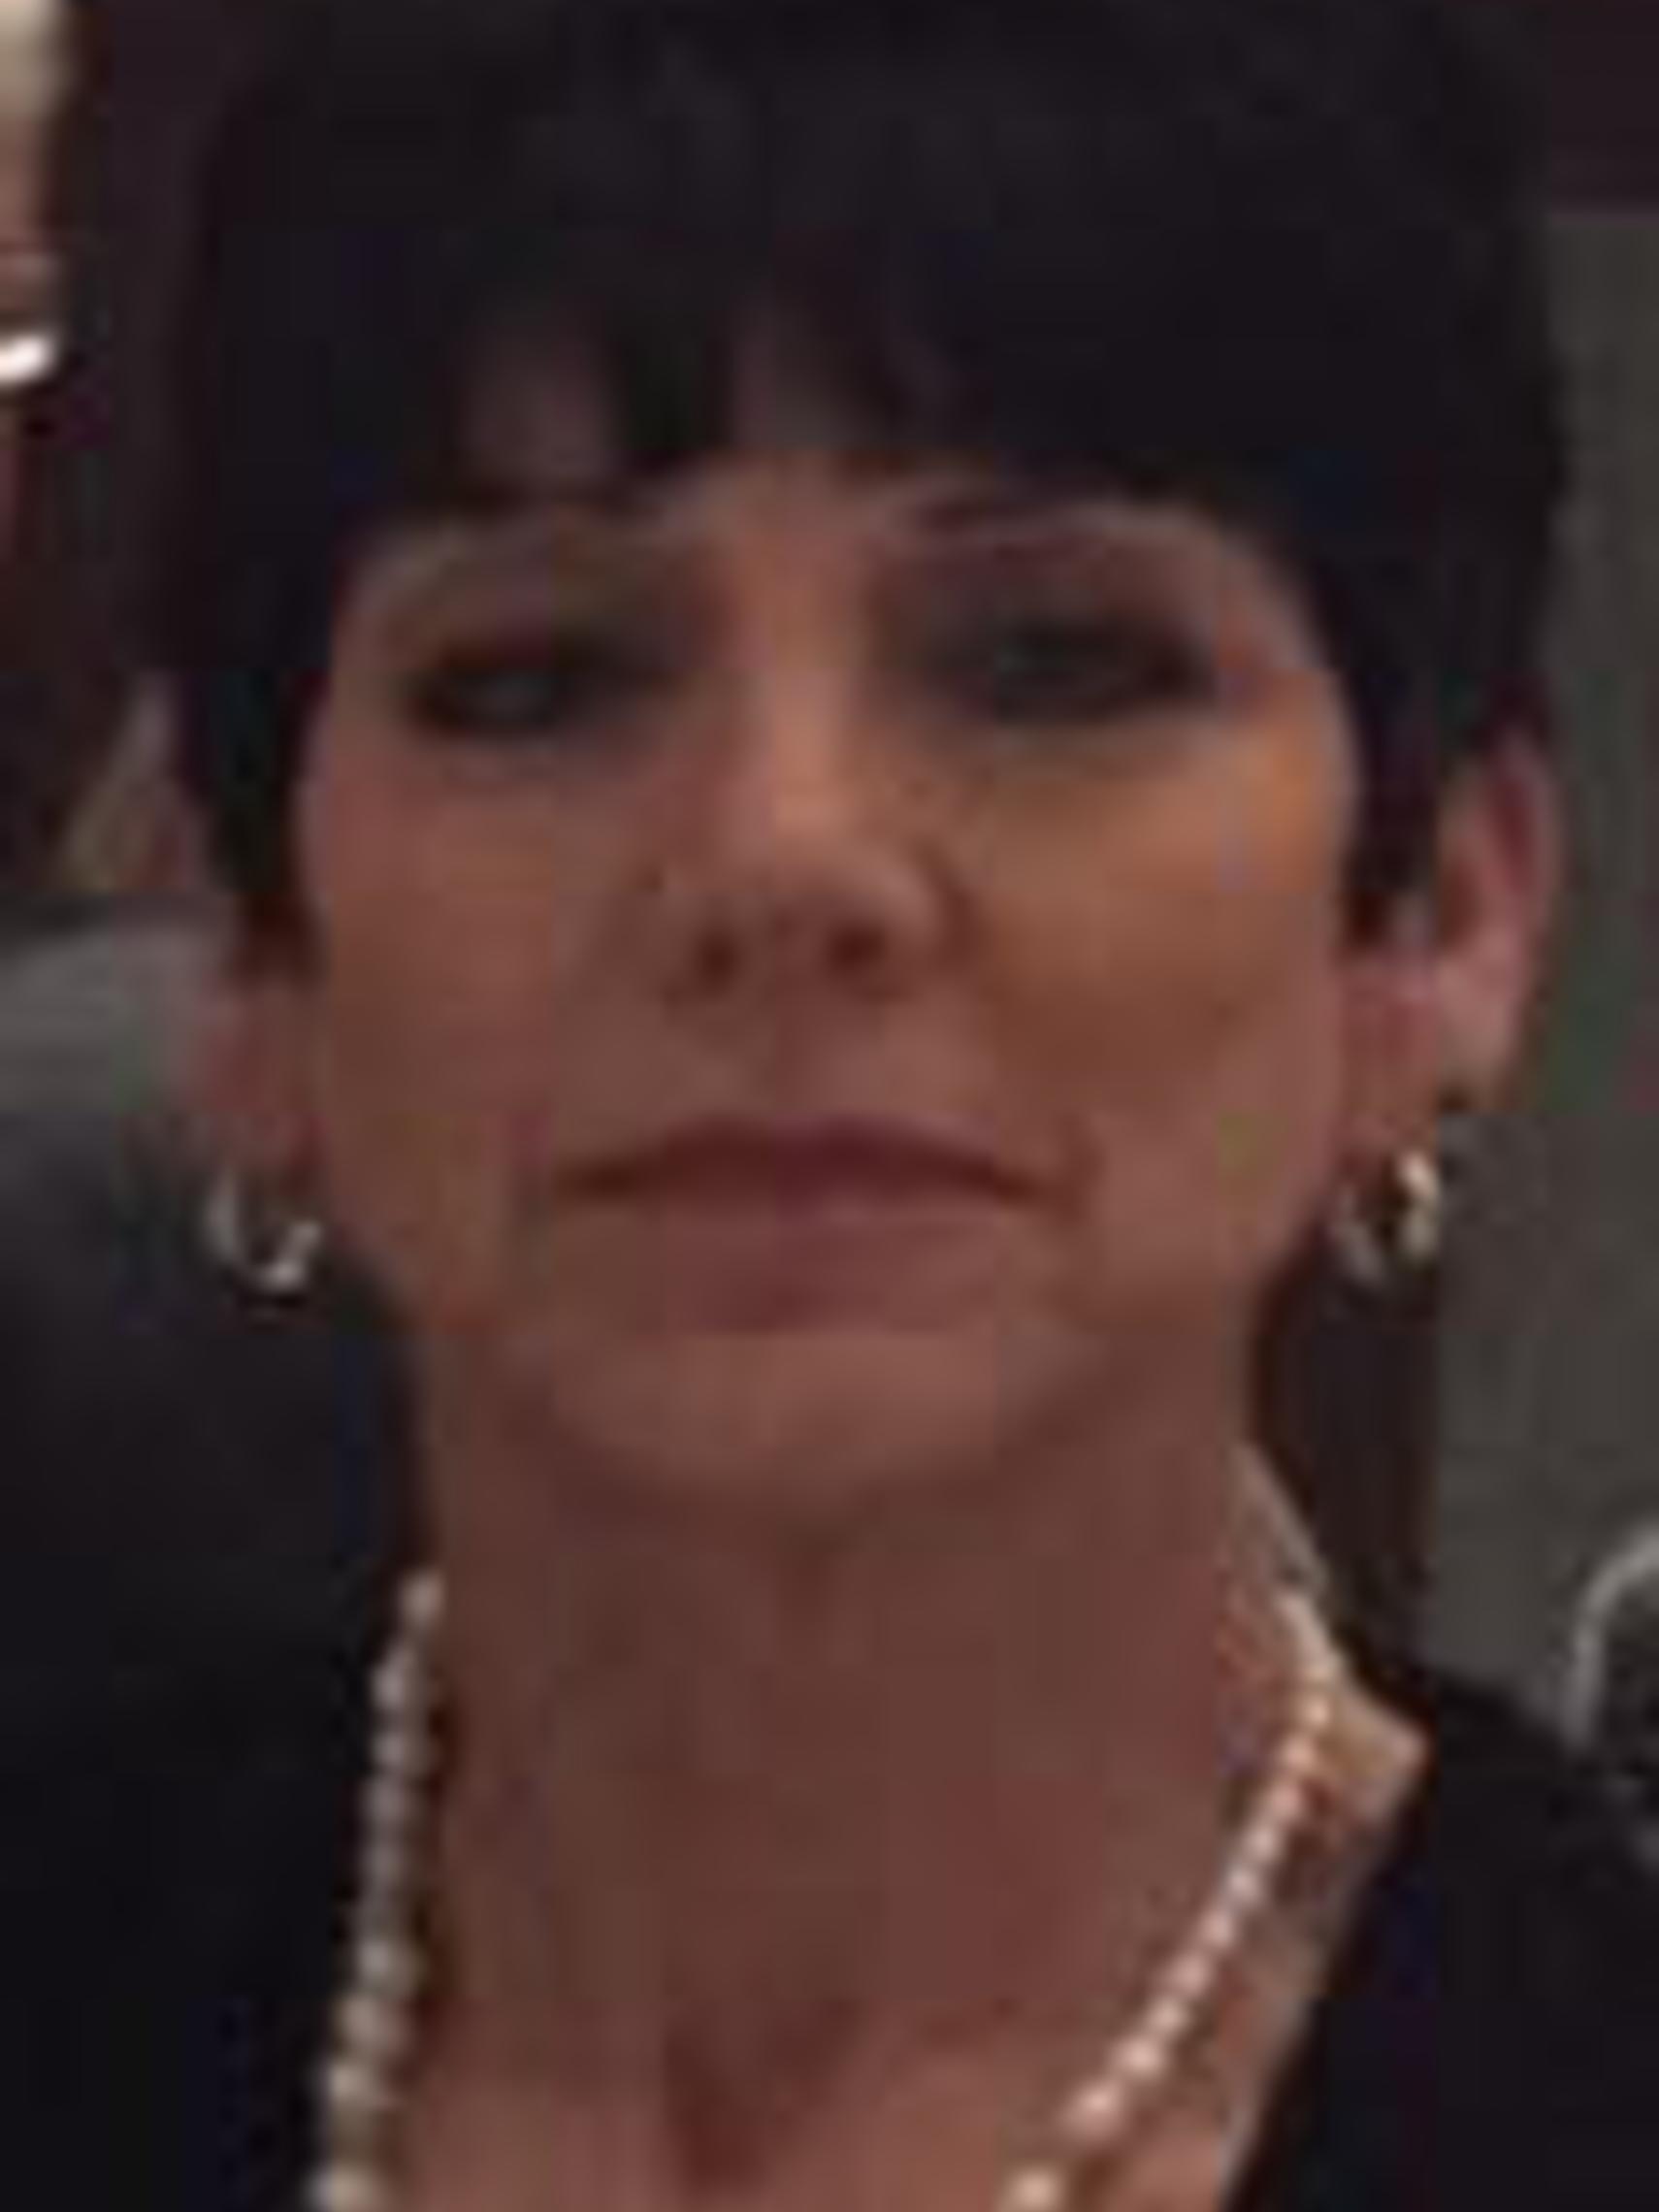 Kathy Evich